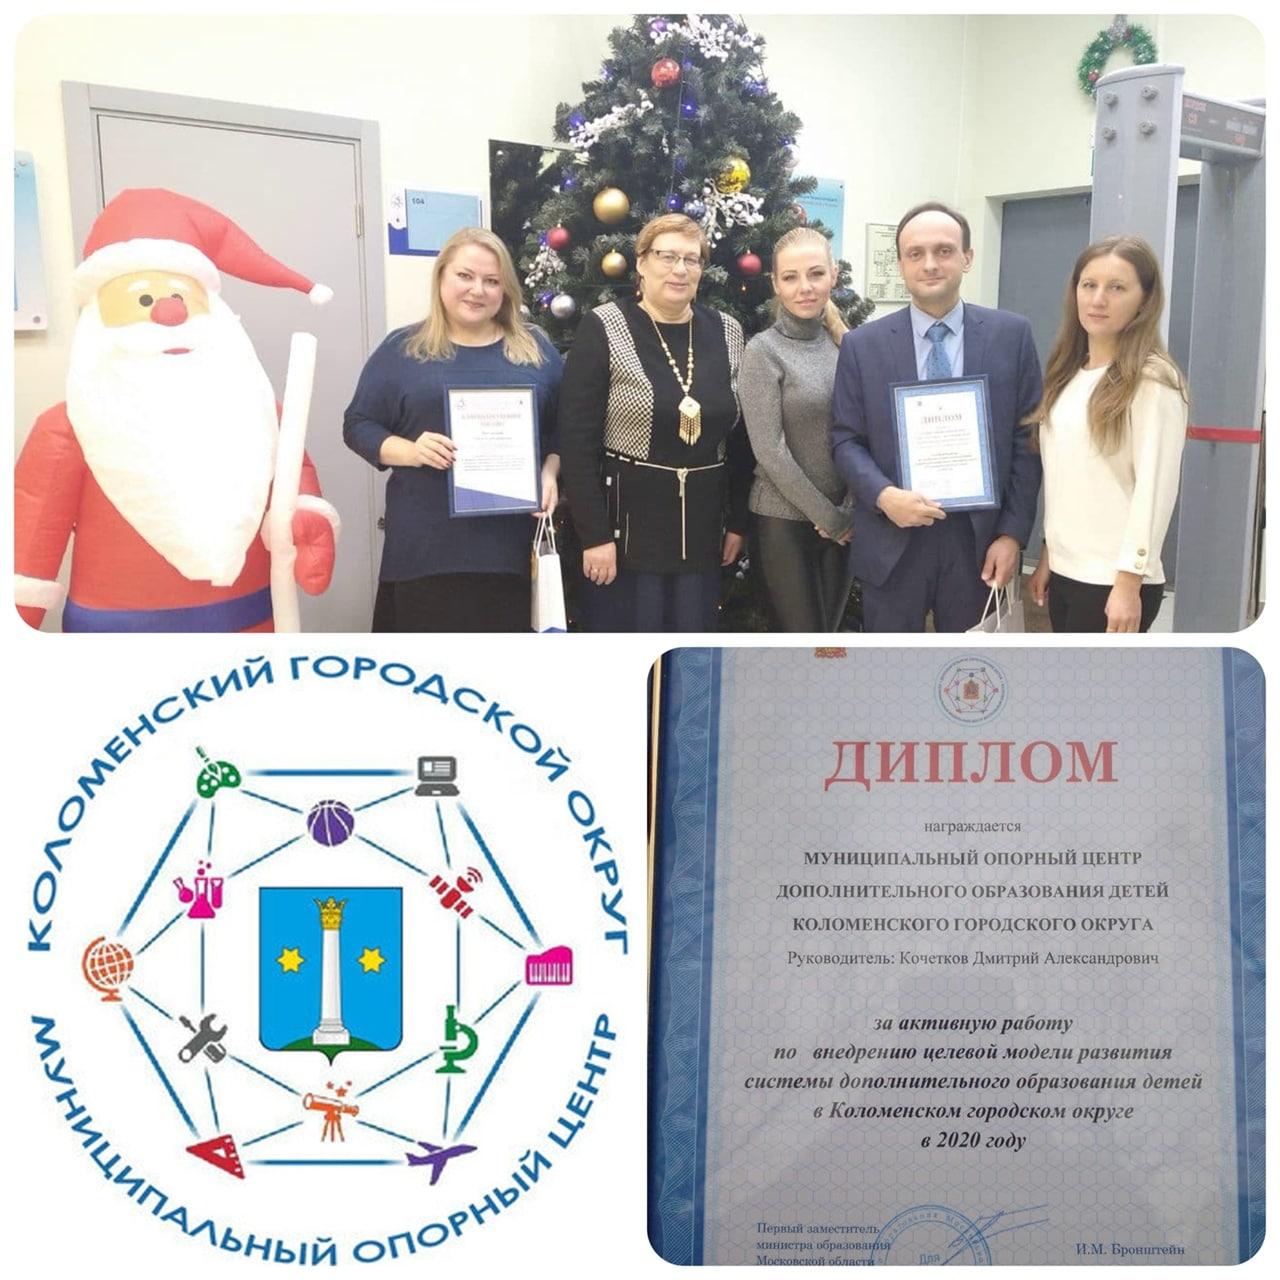 Коломенское учреждение наградили дипломом областного Минобразования